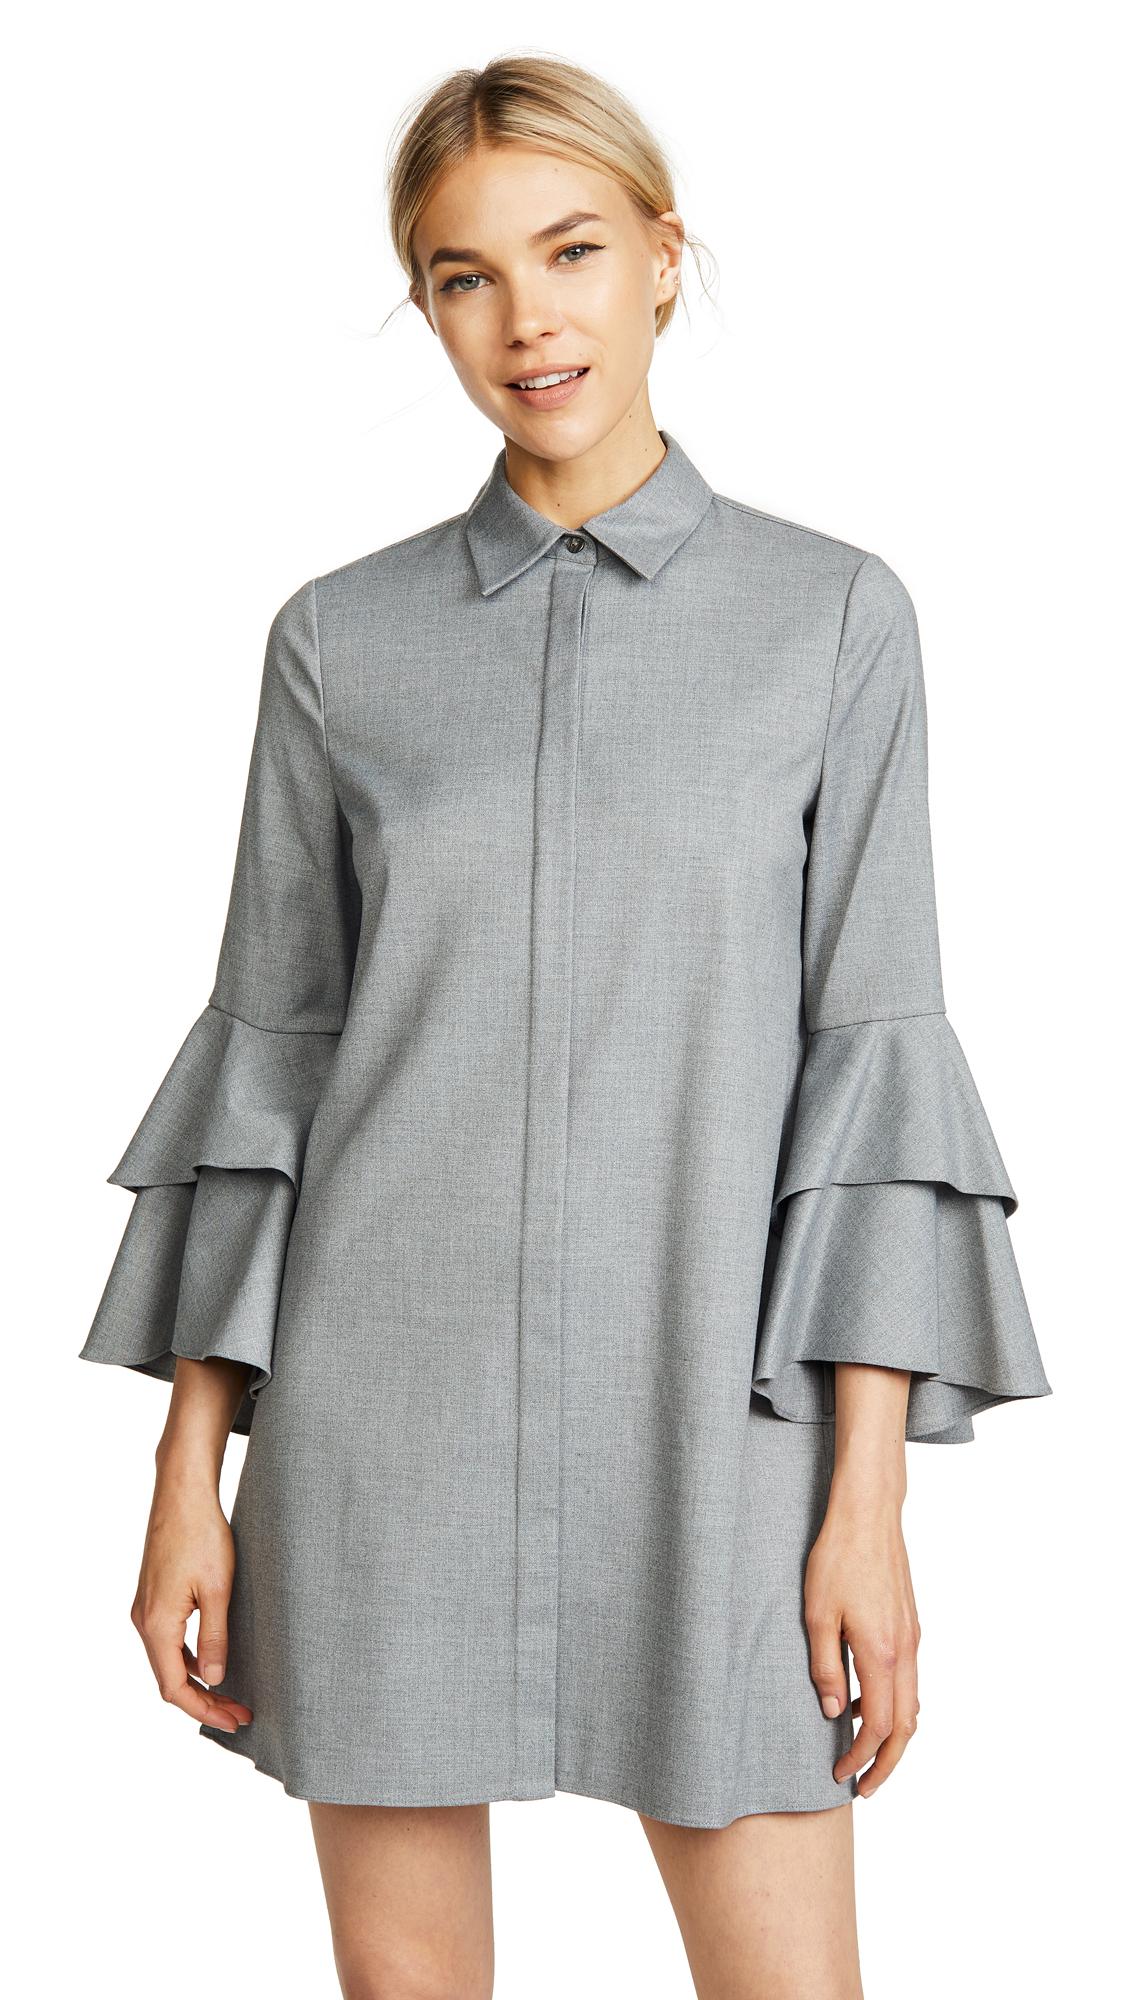 alice + olivia Jem Trumpet Dress In Light Grey